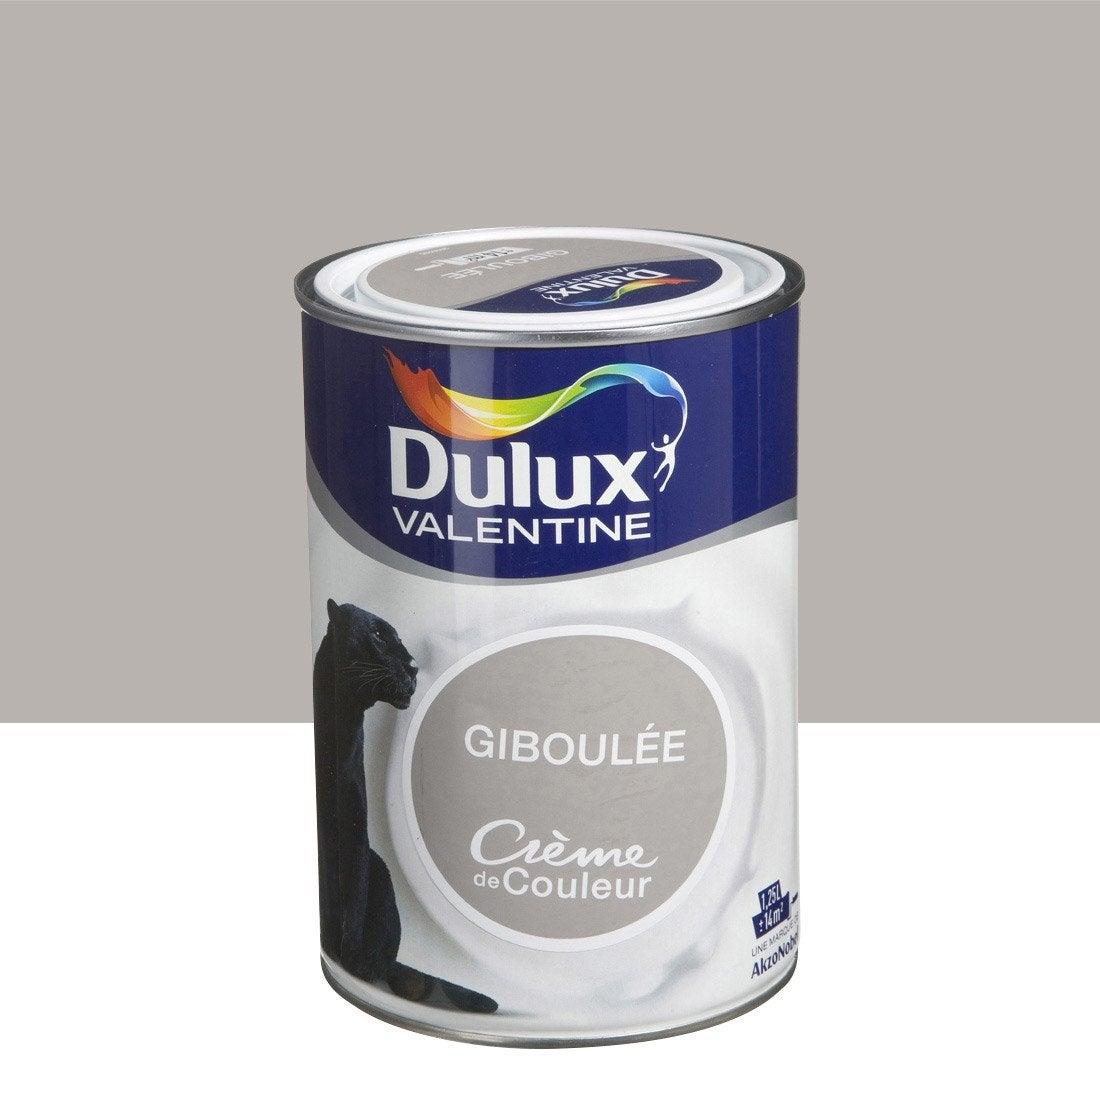 Peinture brun giboul e dulux valentine cr me de couleur 1 - Peinture marron glace ...